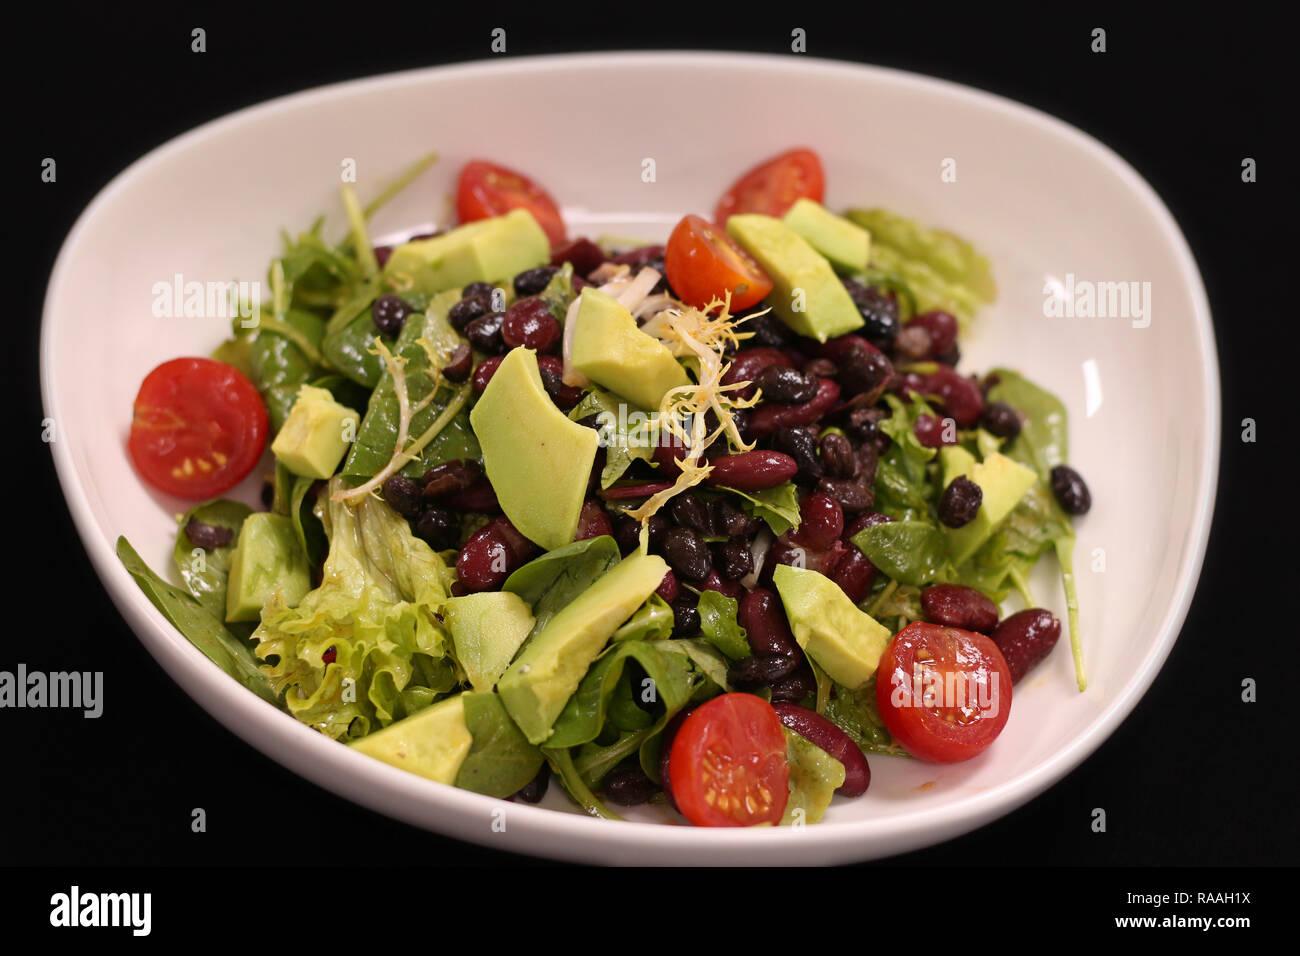 Vegan salade verte à l'avocat et haricots Banque D'Images